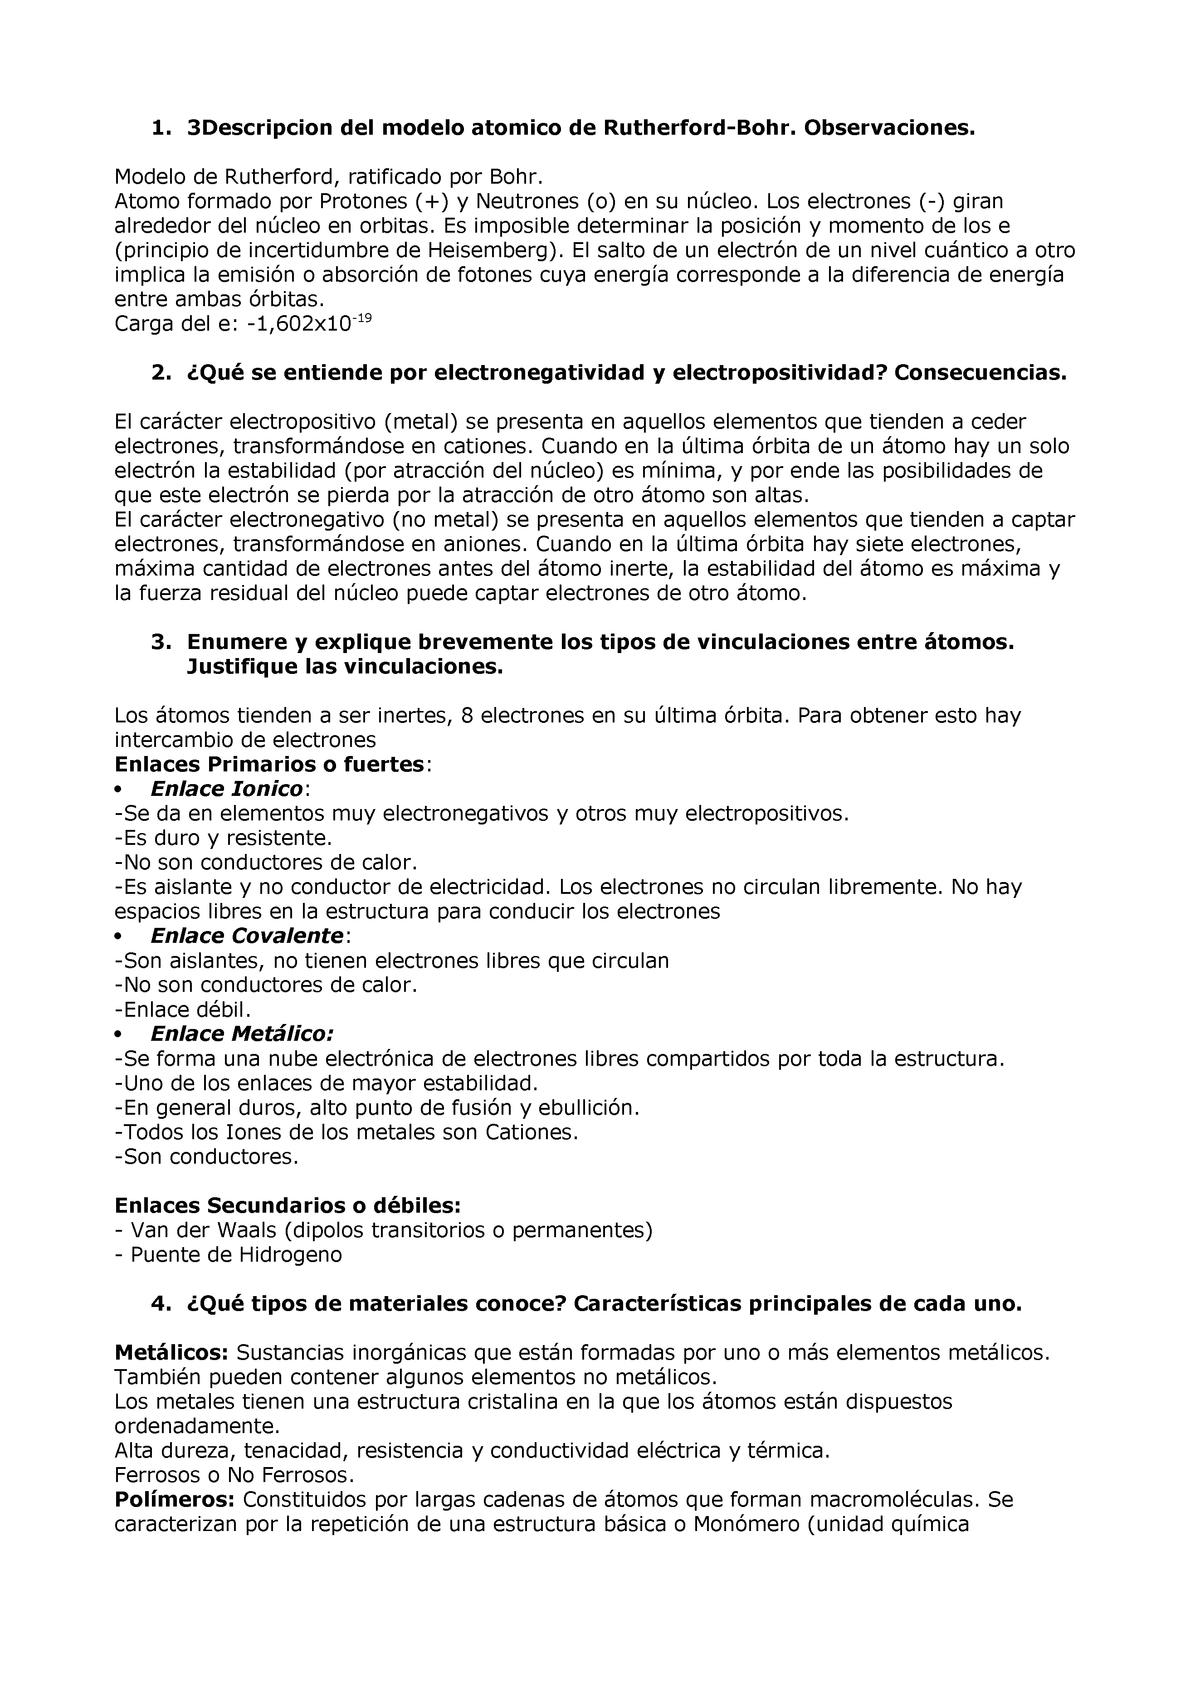 180 Preguntas Final Ciencia De Los Materiales 53104 Uma